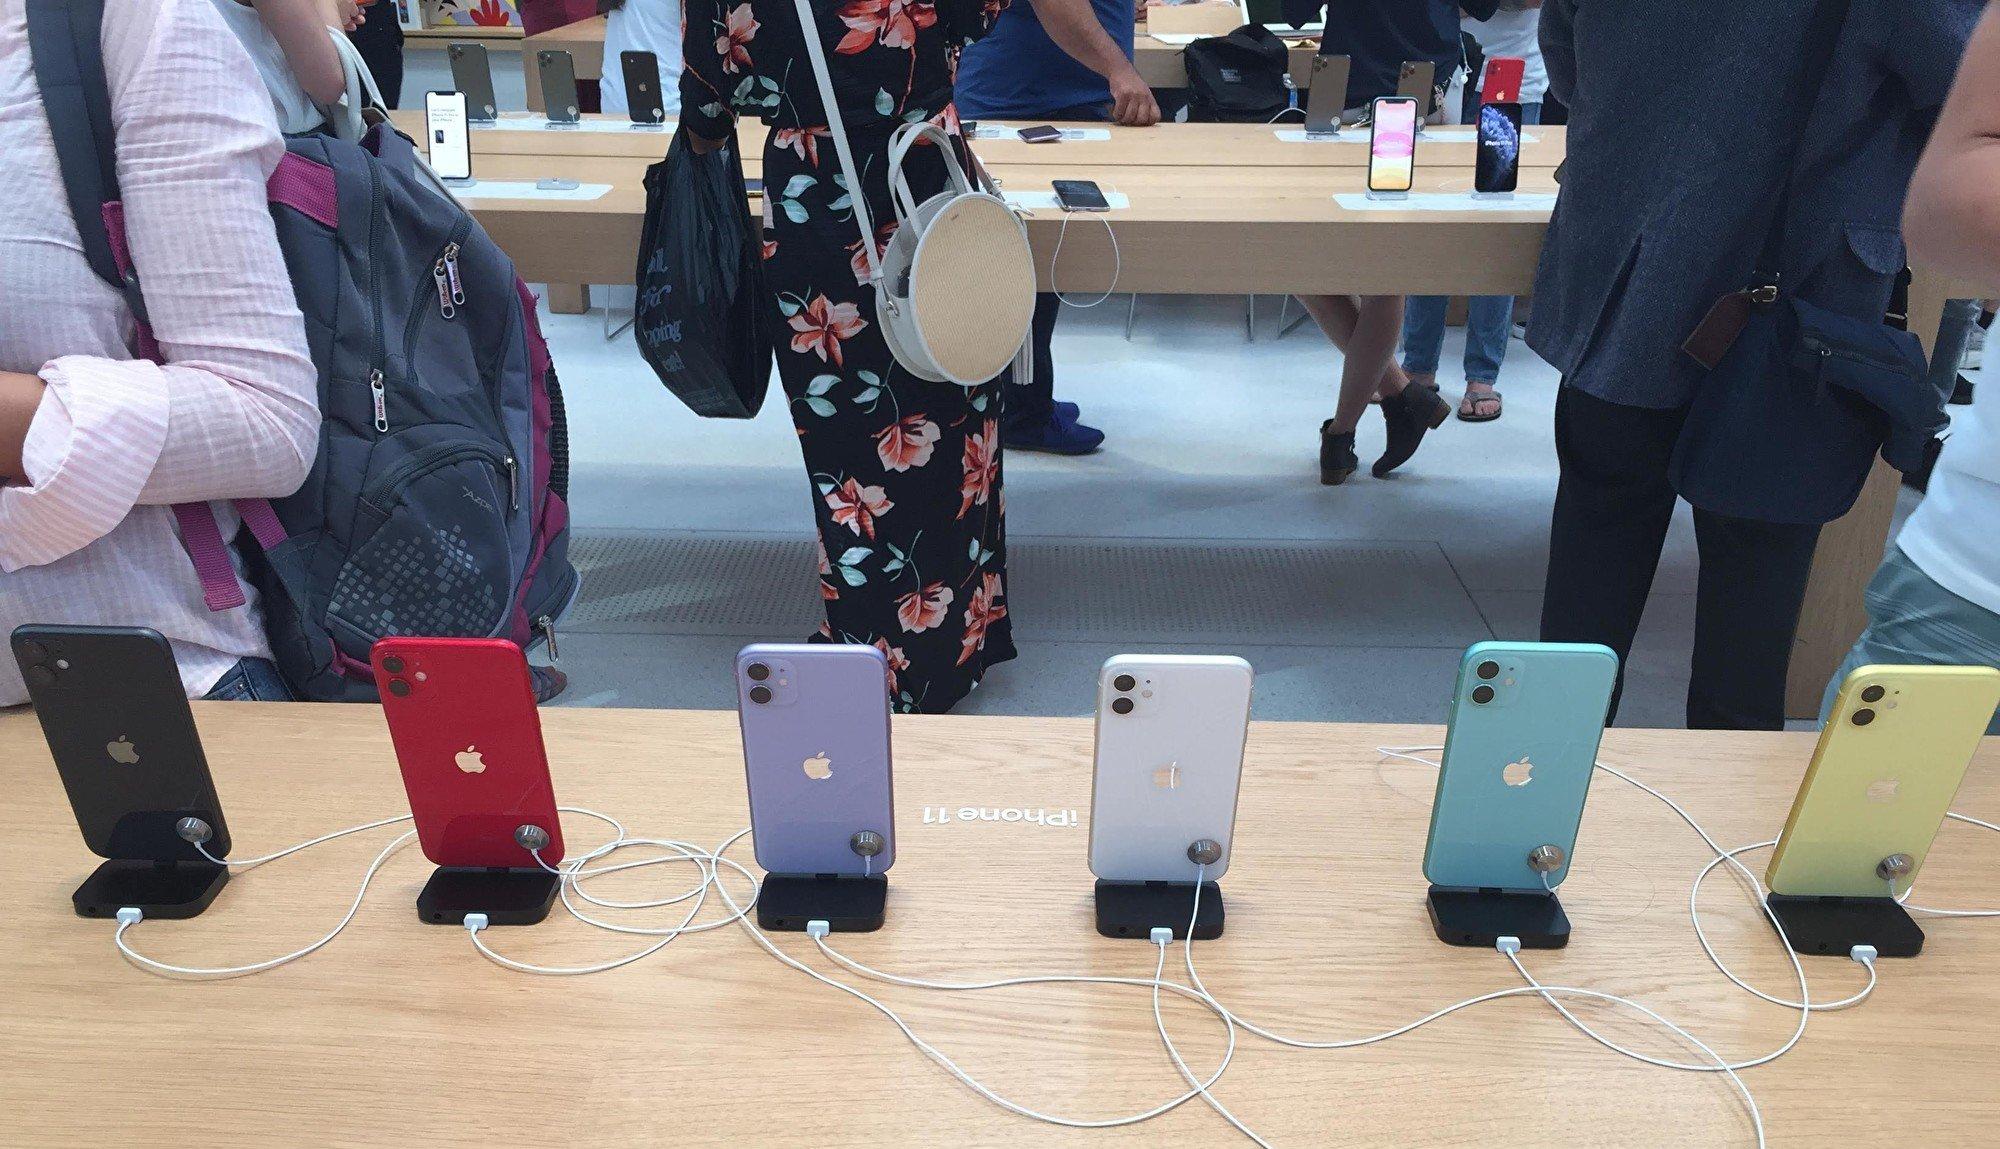 蘋果公司2月17日表示,將無法達到第一季度的收入預期。富士康組裝蘋果手機的鄭州廠雖然獲准開工,但受限於嚴格的隔離要求,無法全面復工。圖為蘋果在紐約第五大道旗艦店新上市的Iphone 11 體驗台。(施萍/大紀元)